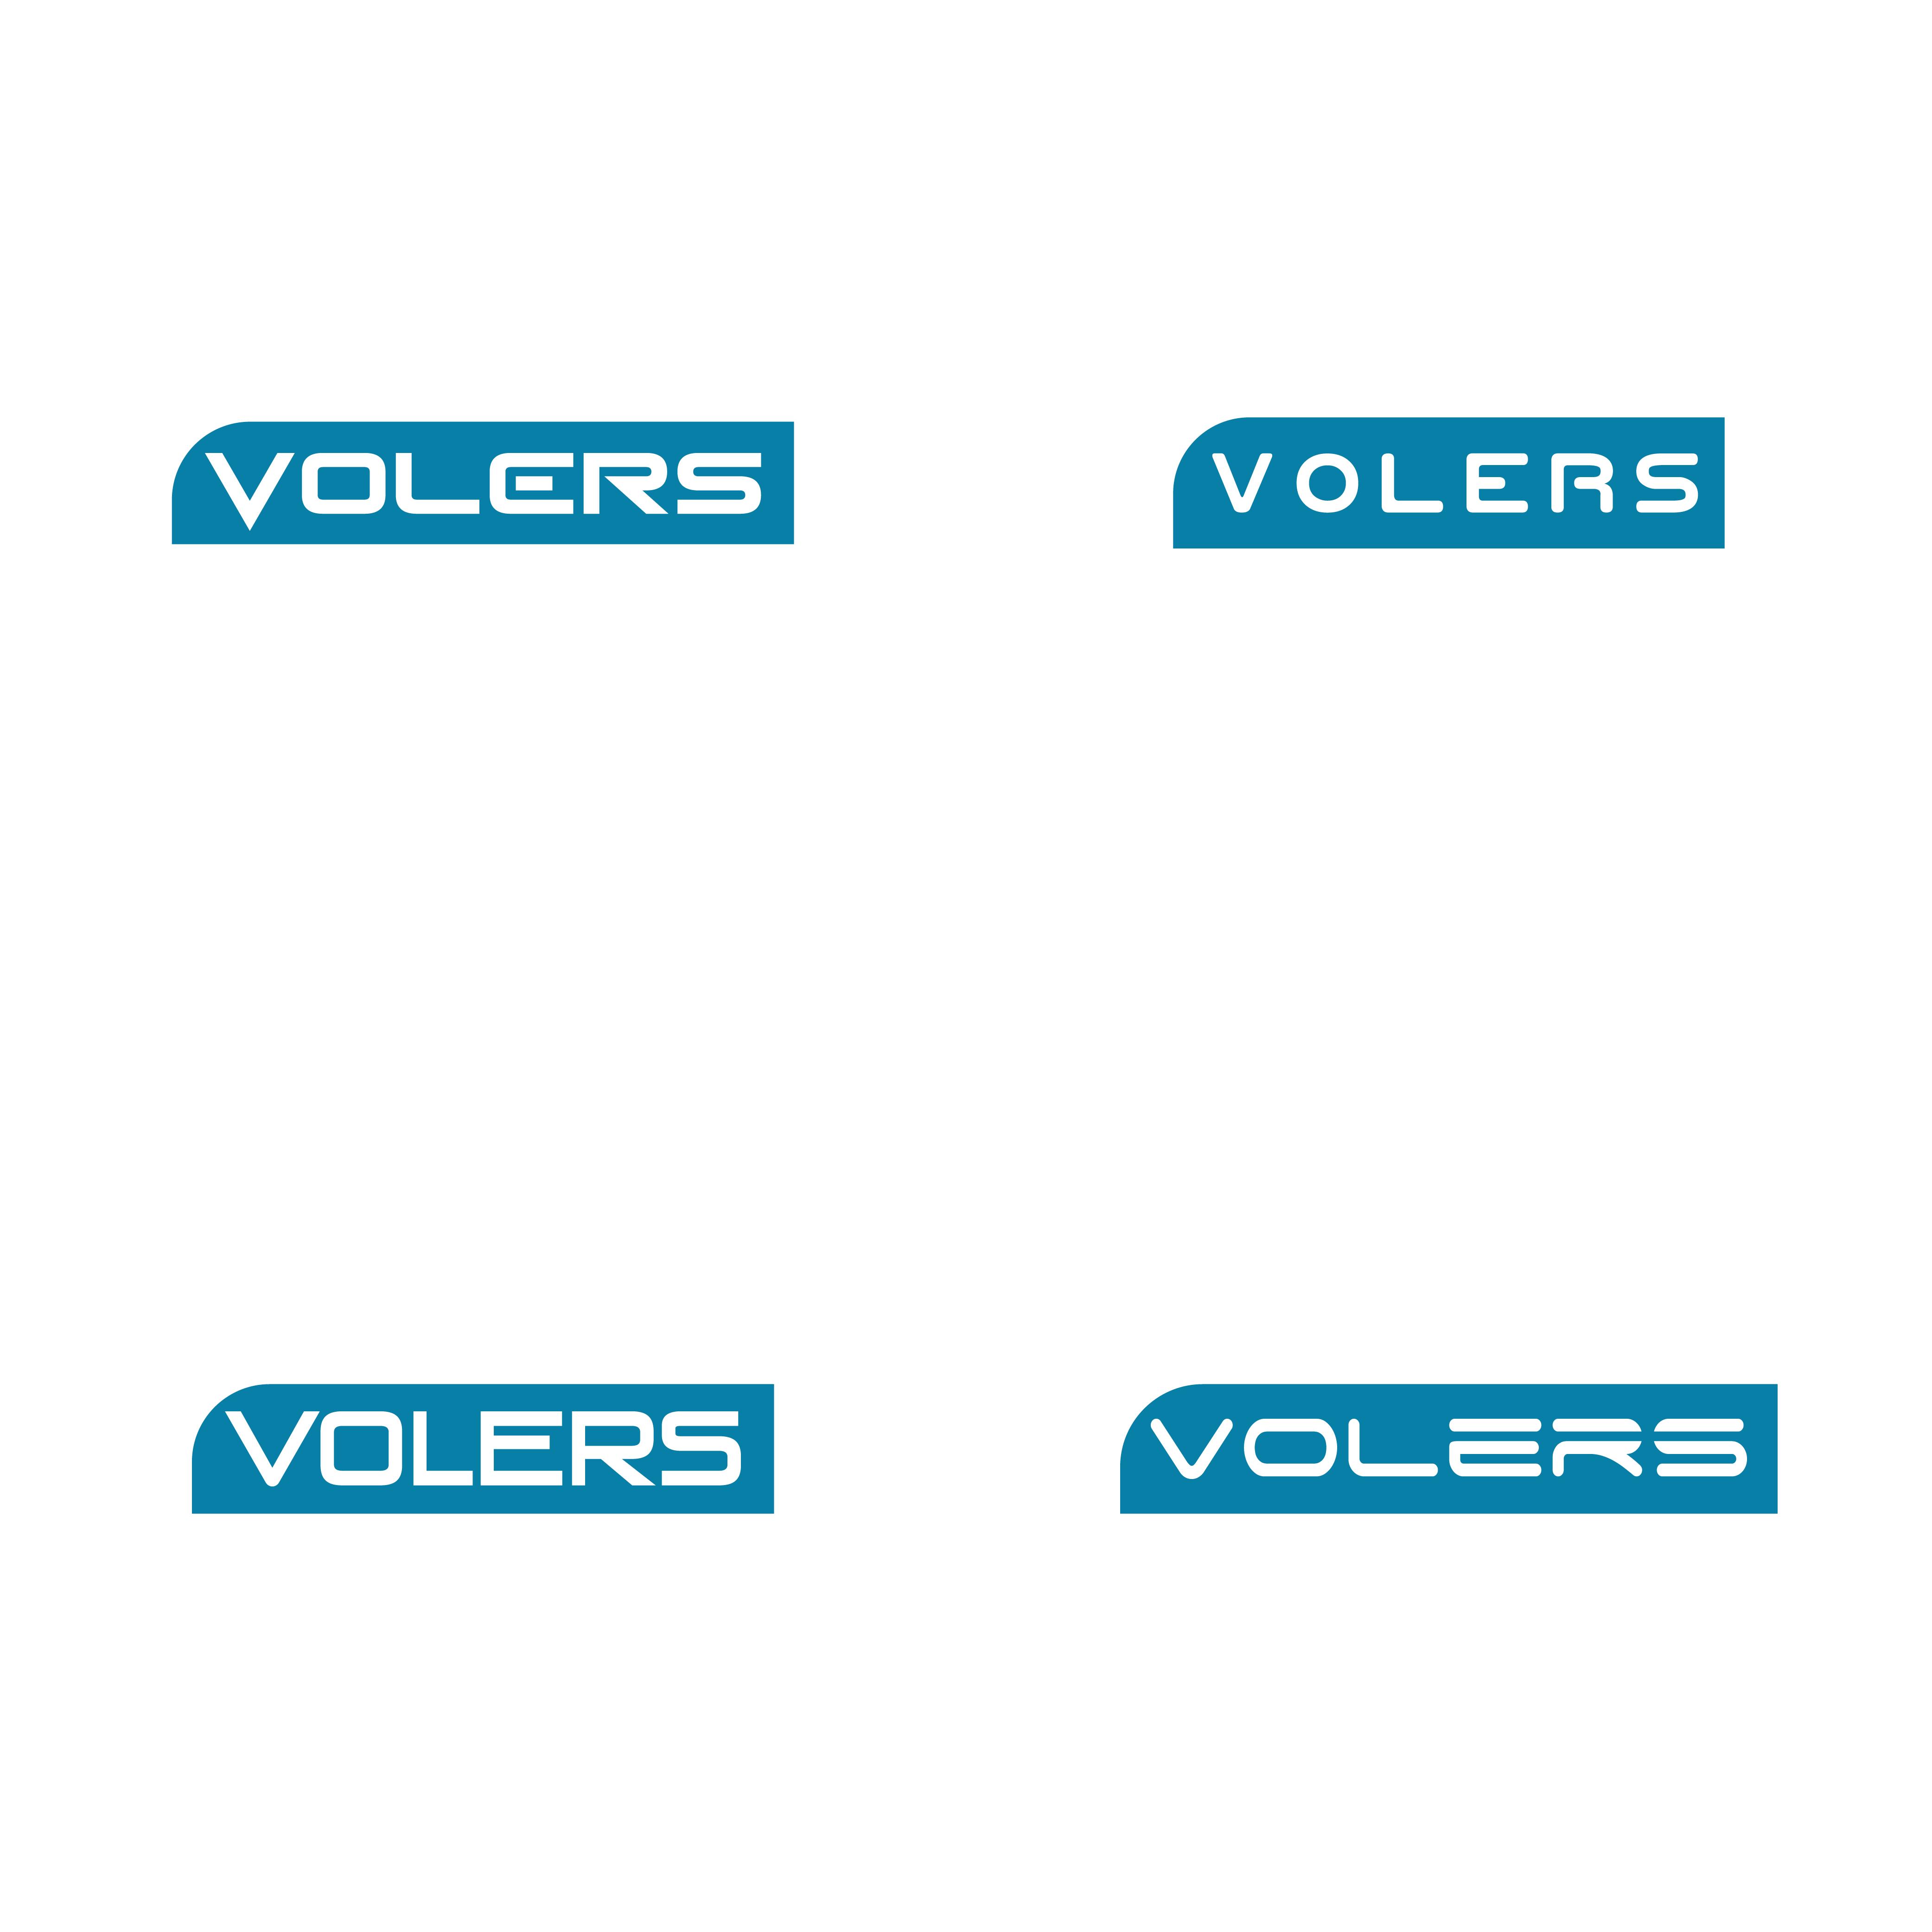 Обновить текущий логотип  фото f_6645d484de021aa4.png